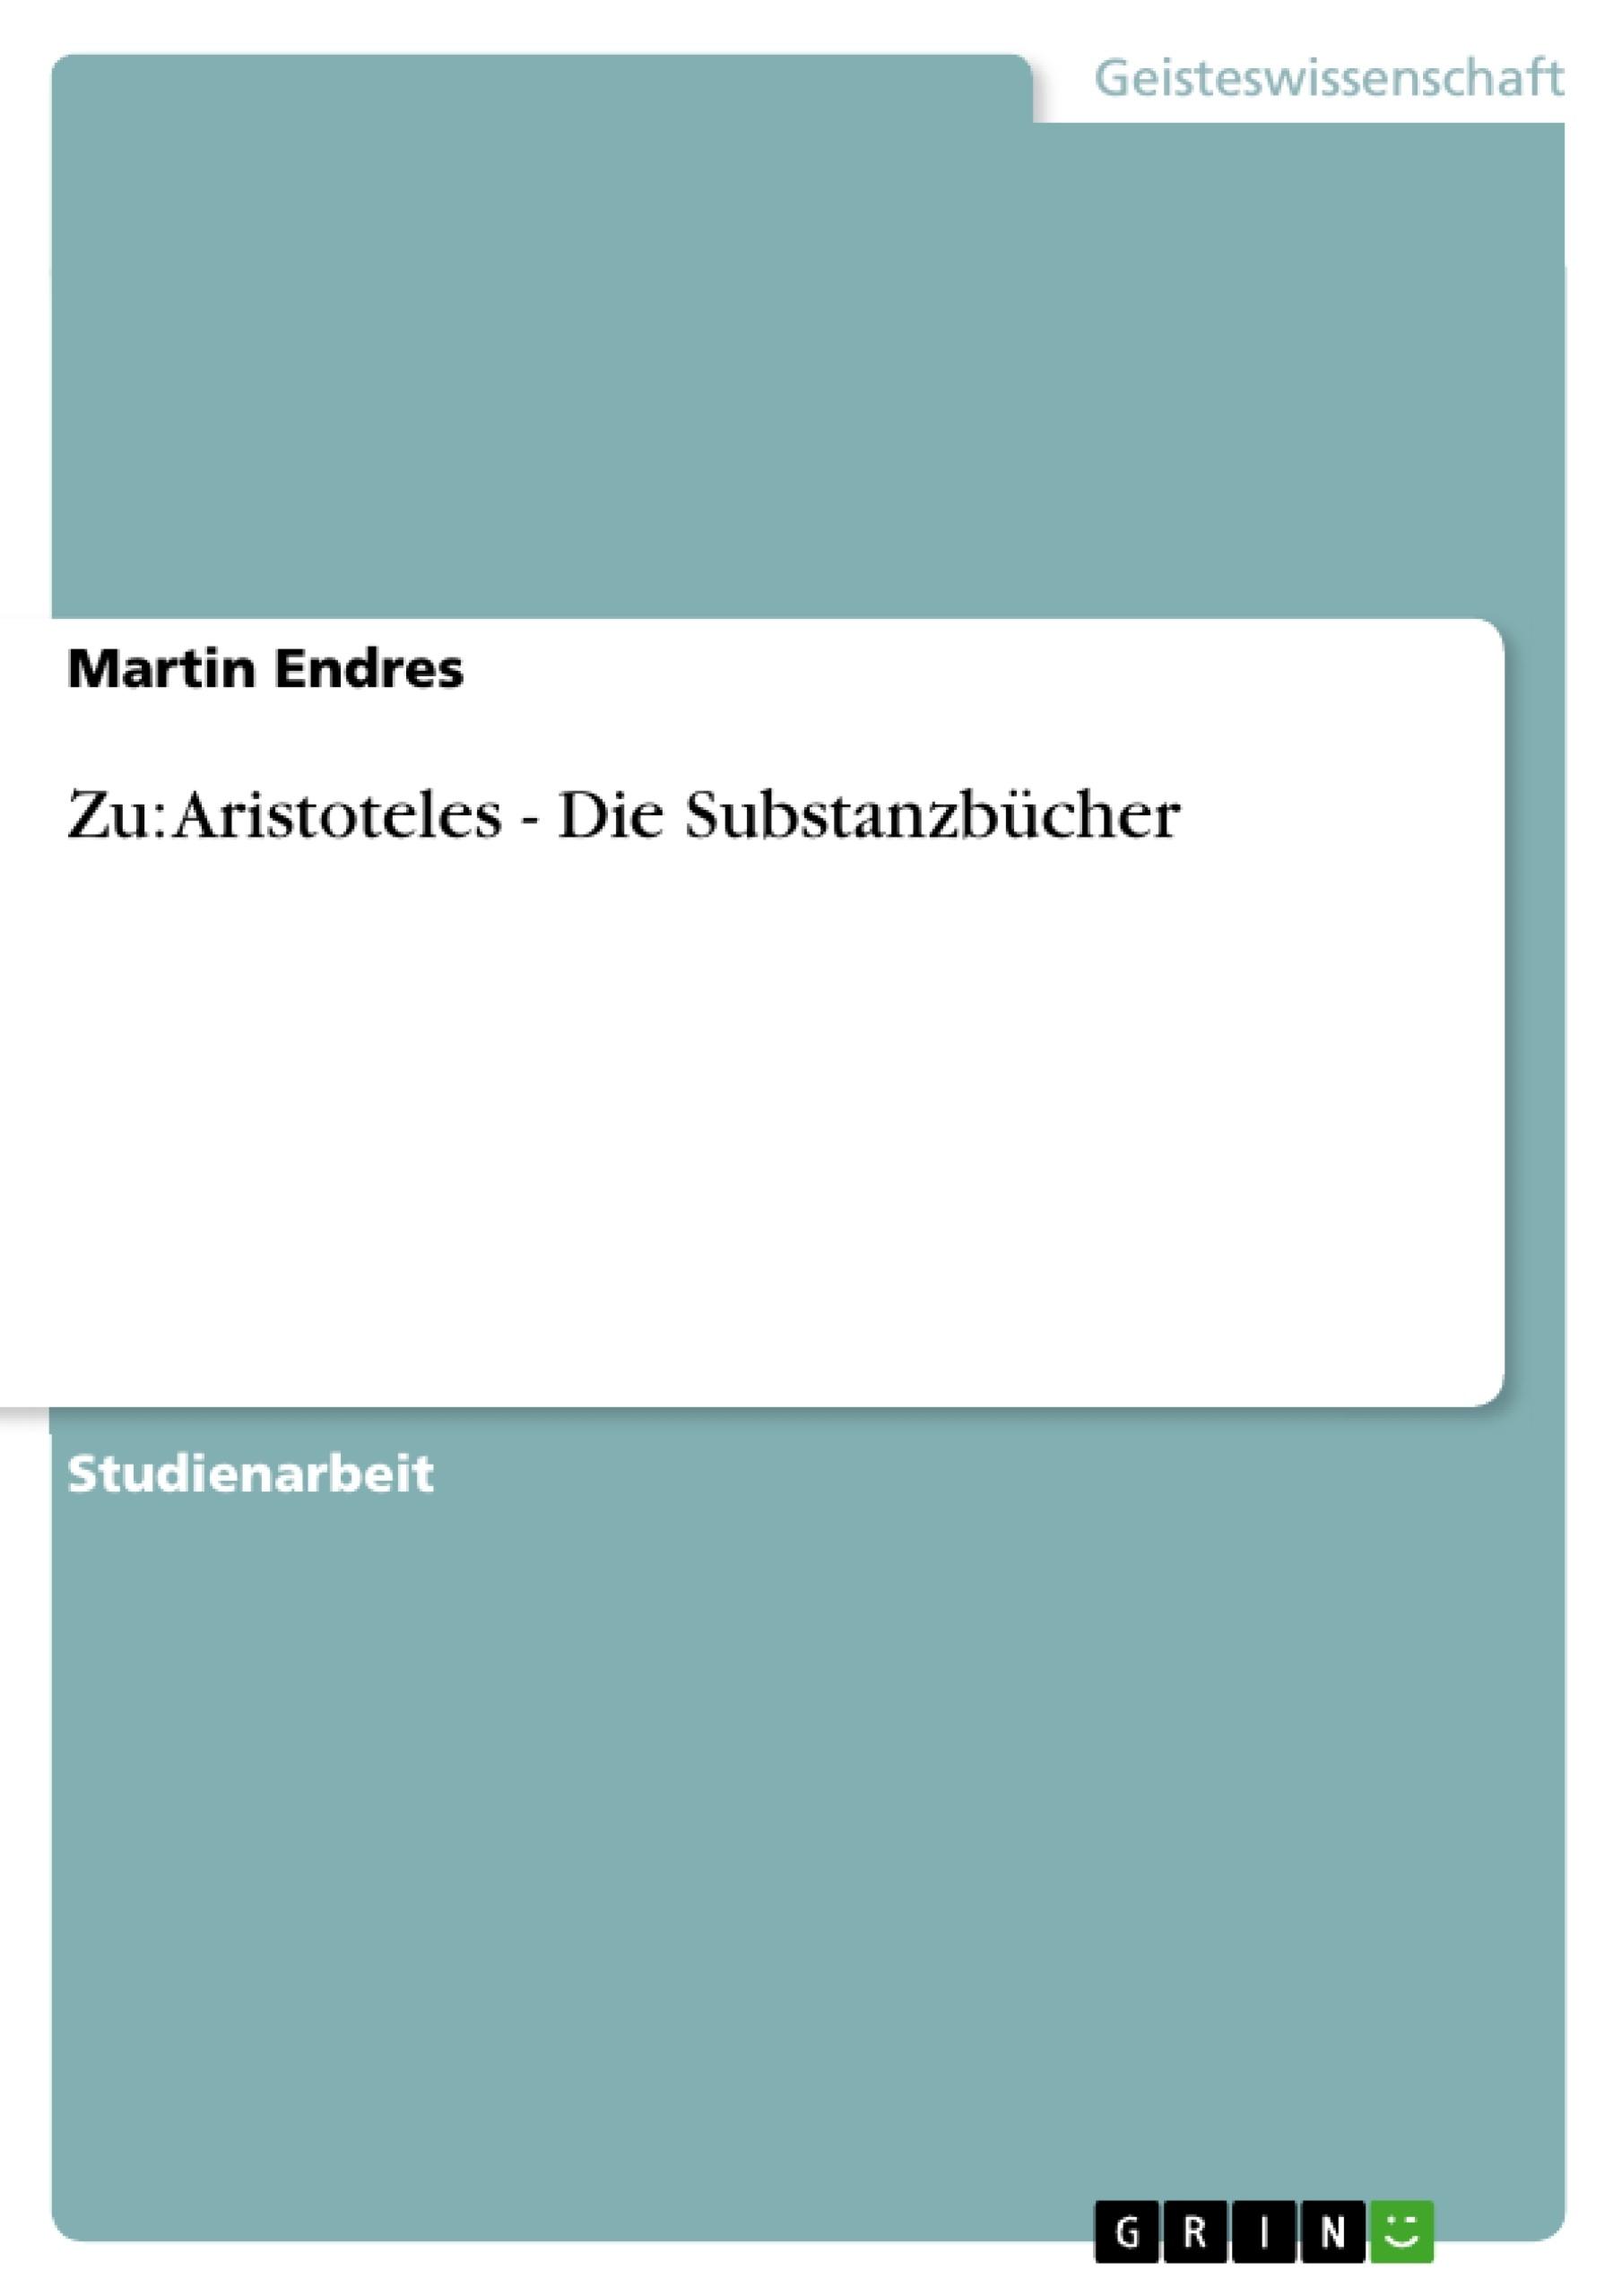 Titel: Zu: Aristoteles - Die Substanzbücher